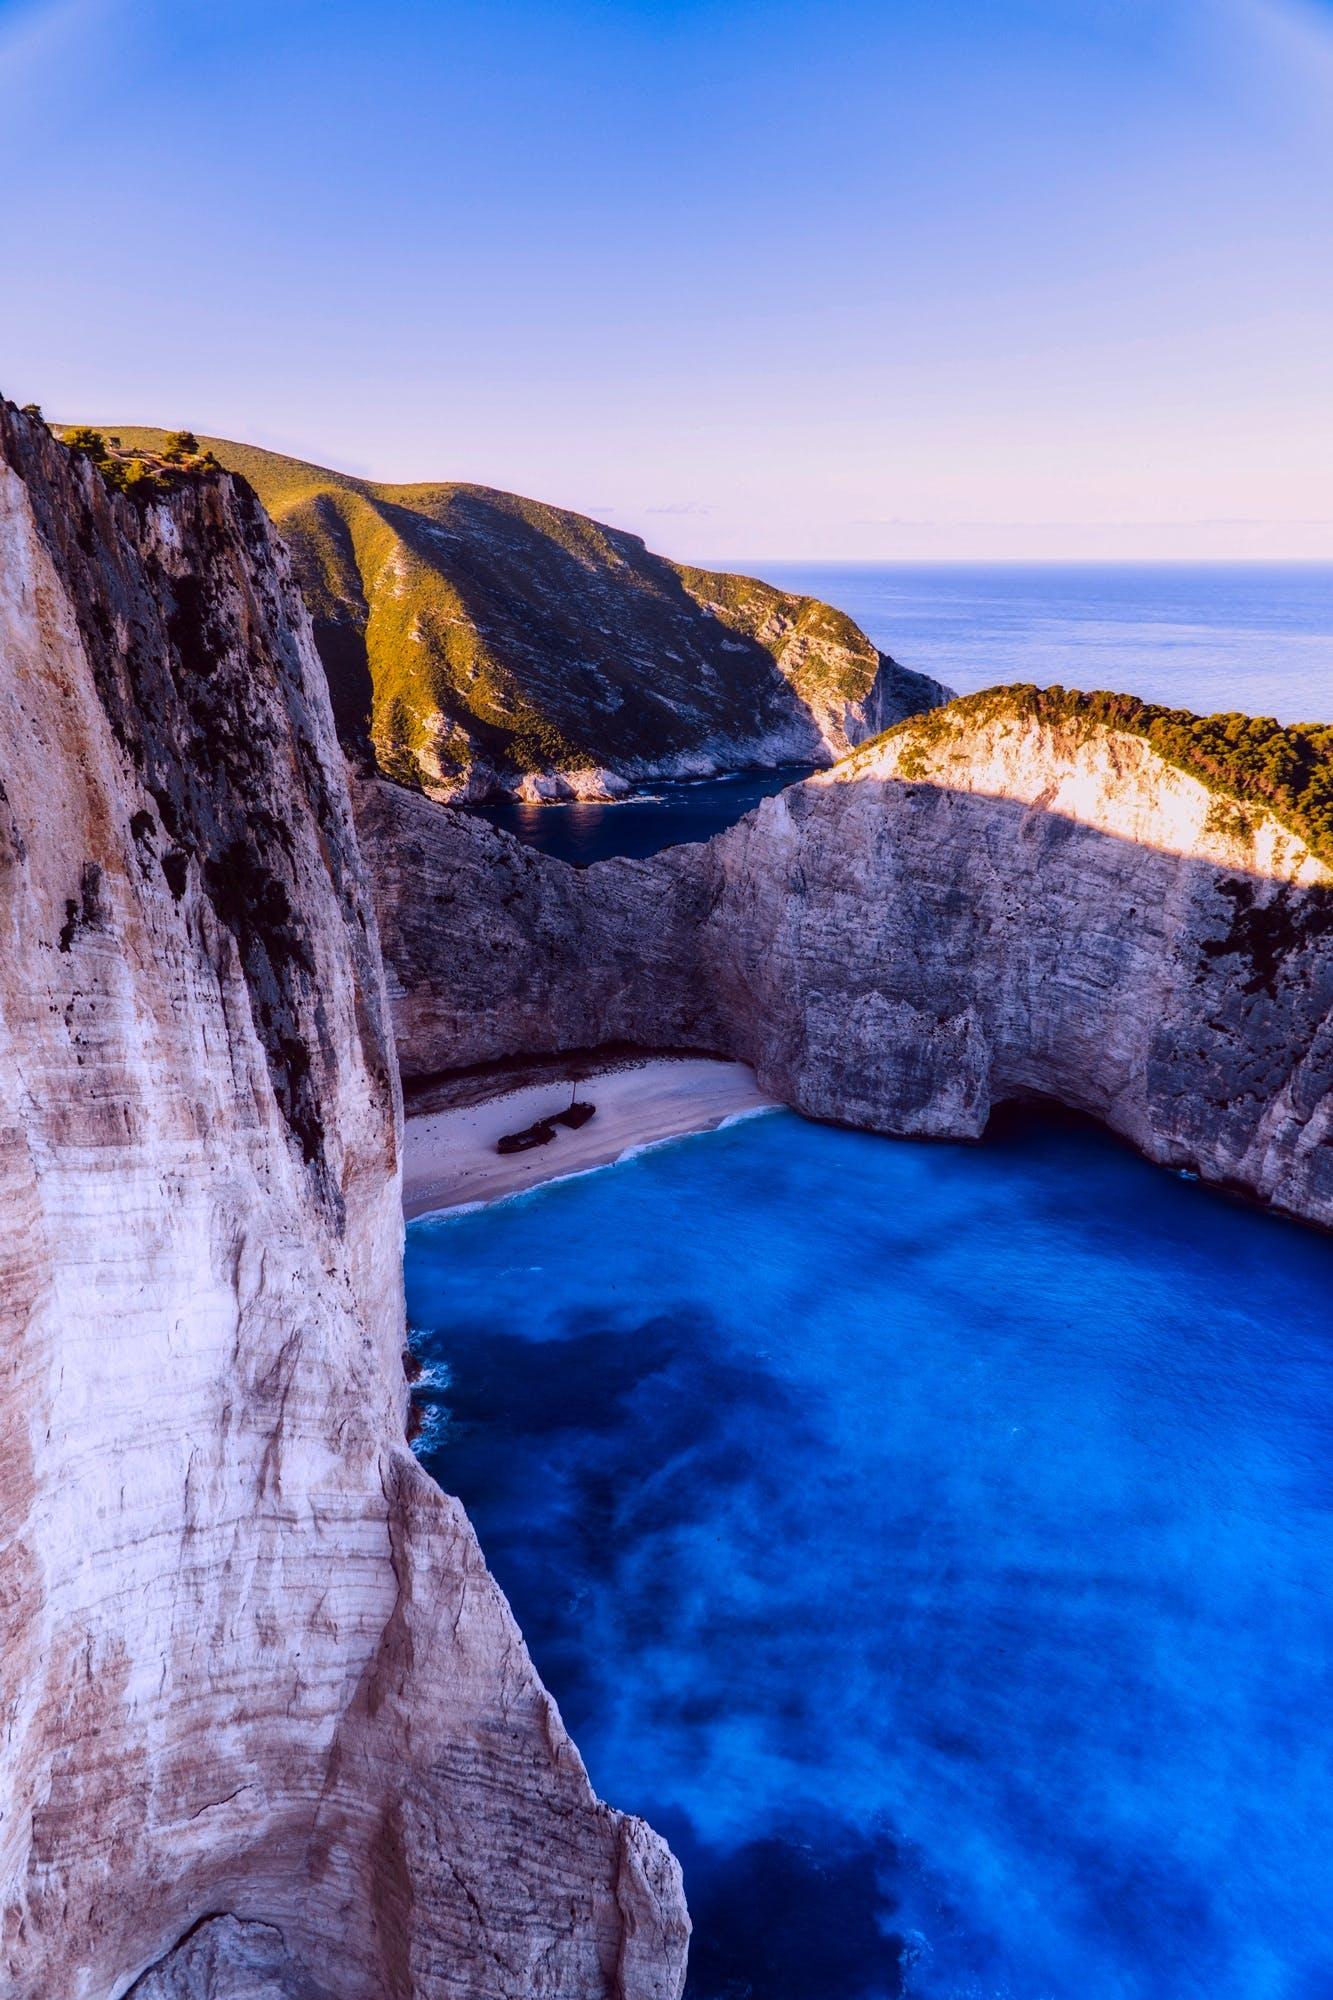 假期, 國家, 土耳其藍, 地質學 的 免費圖庫相片